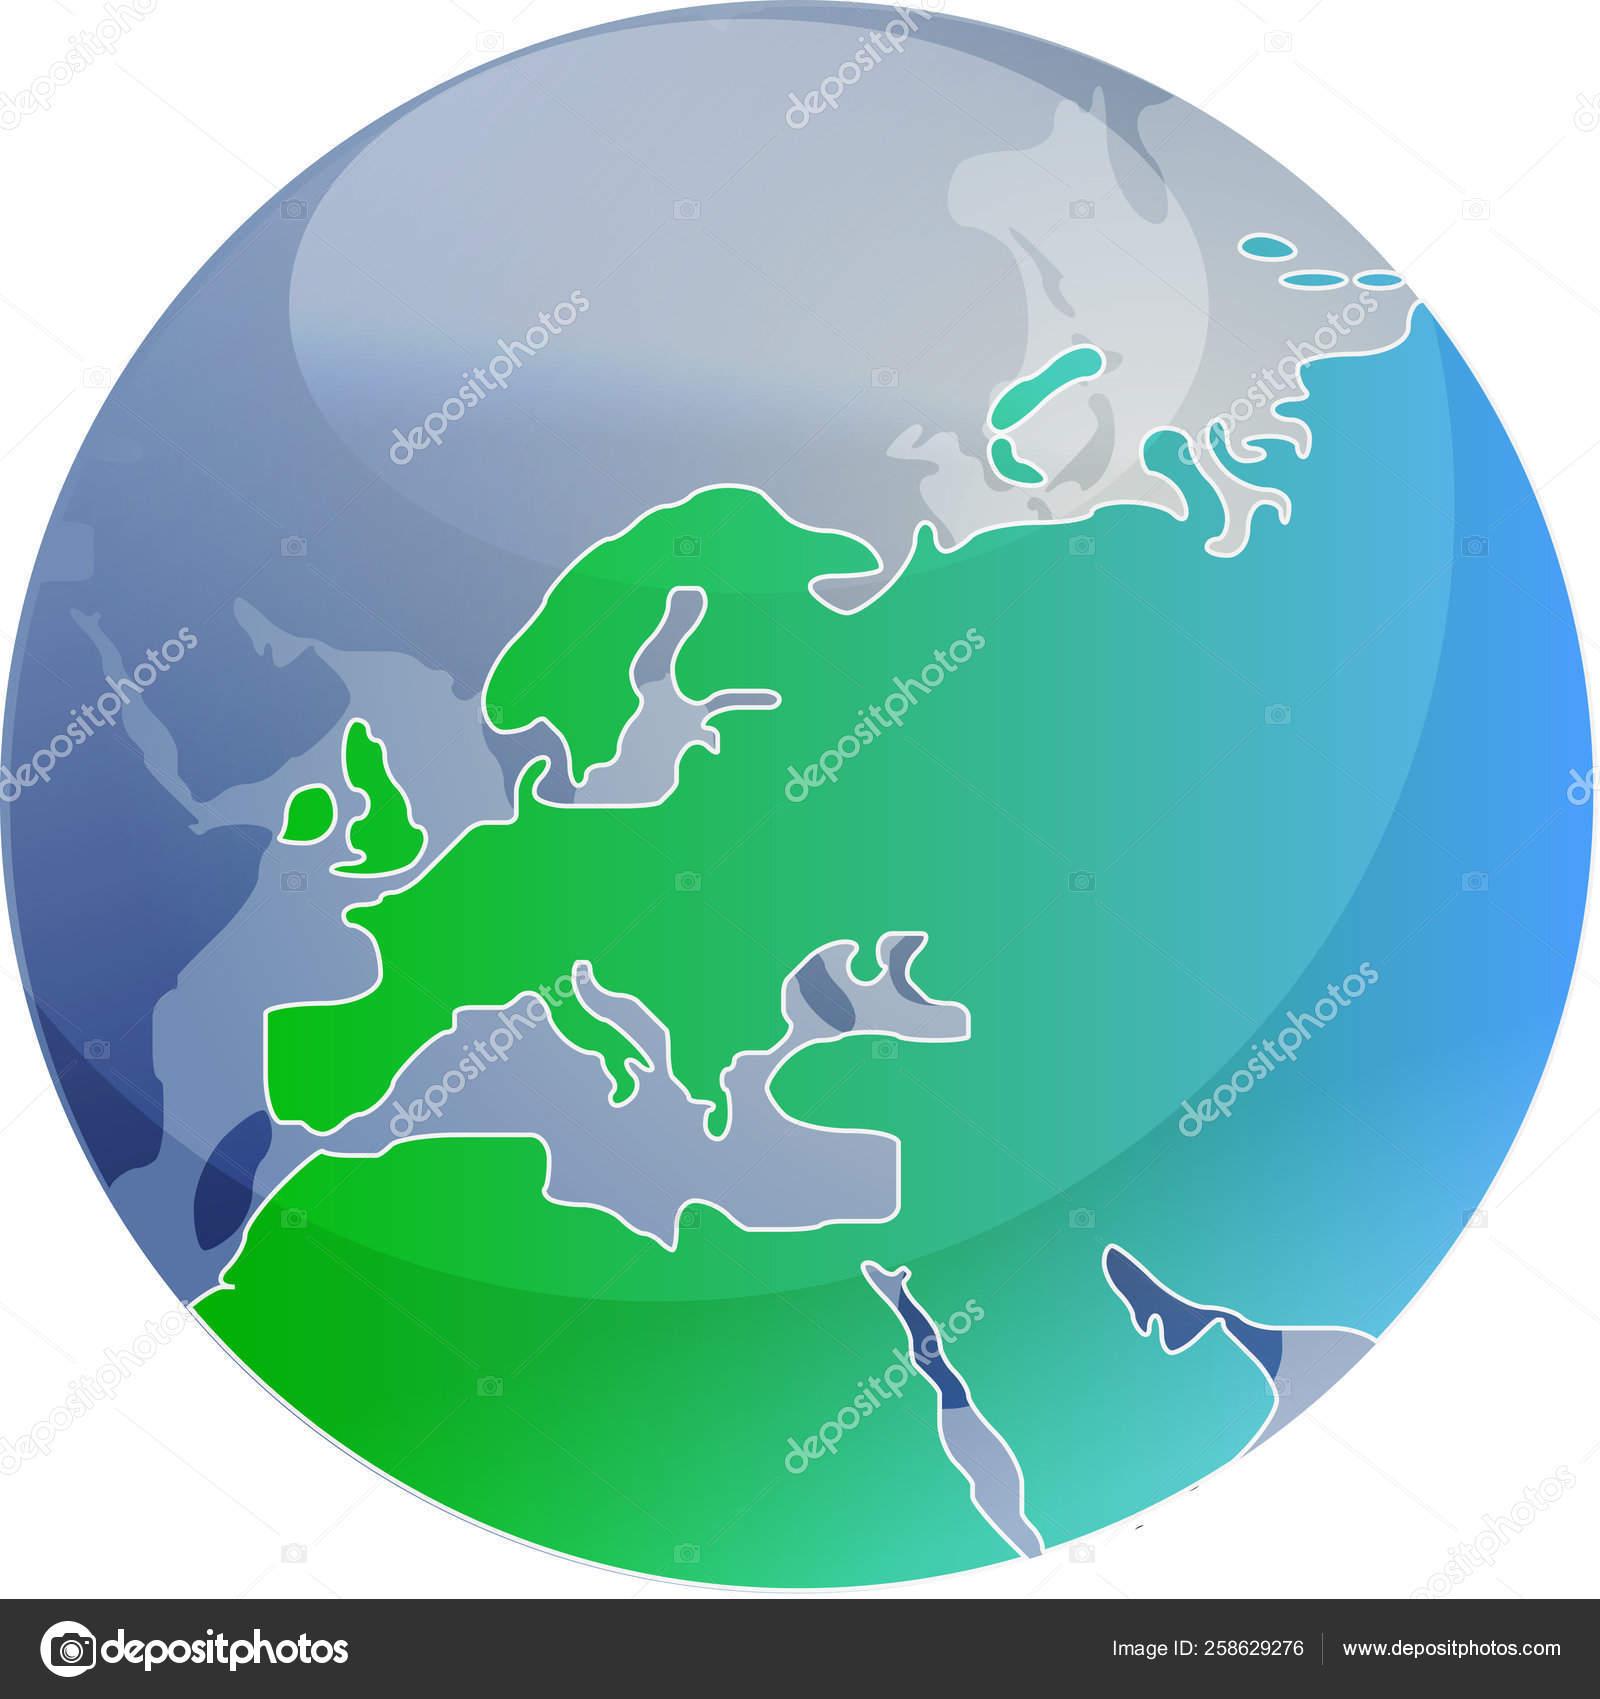 Map Europe Spherical Globe Cartographical Illustration Stock Photo C Yayimages 258629276